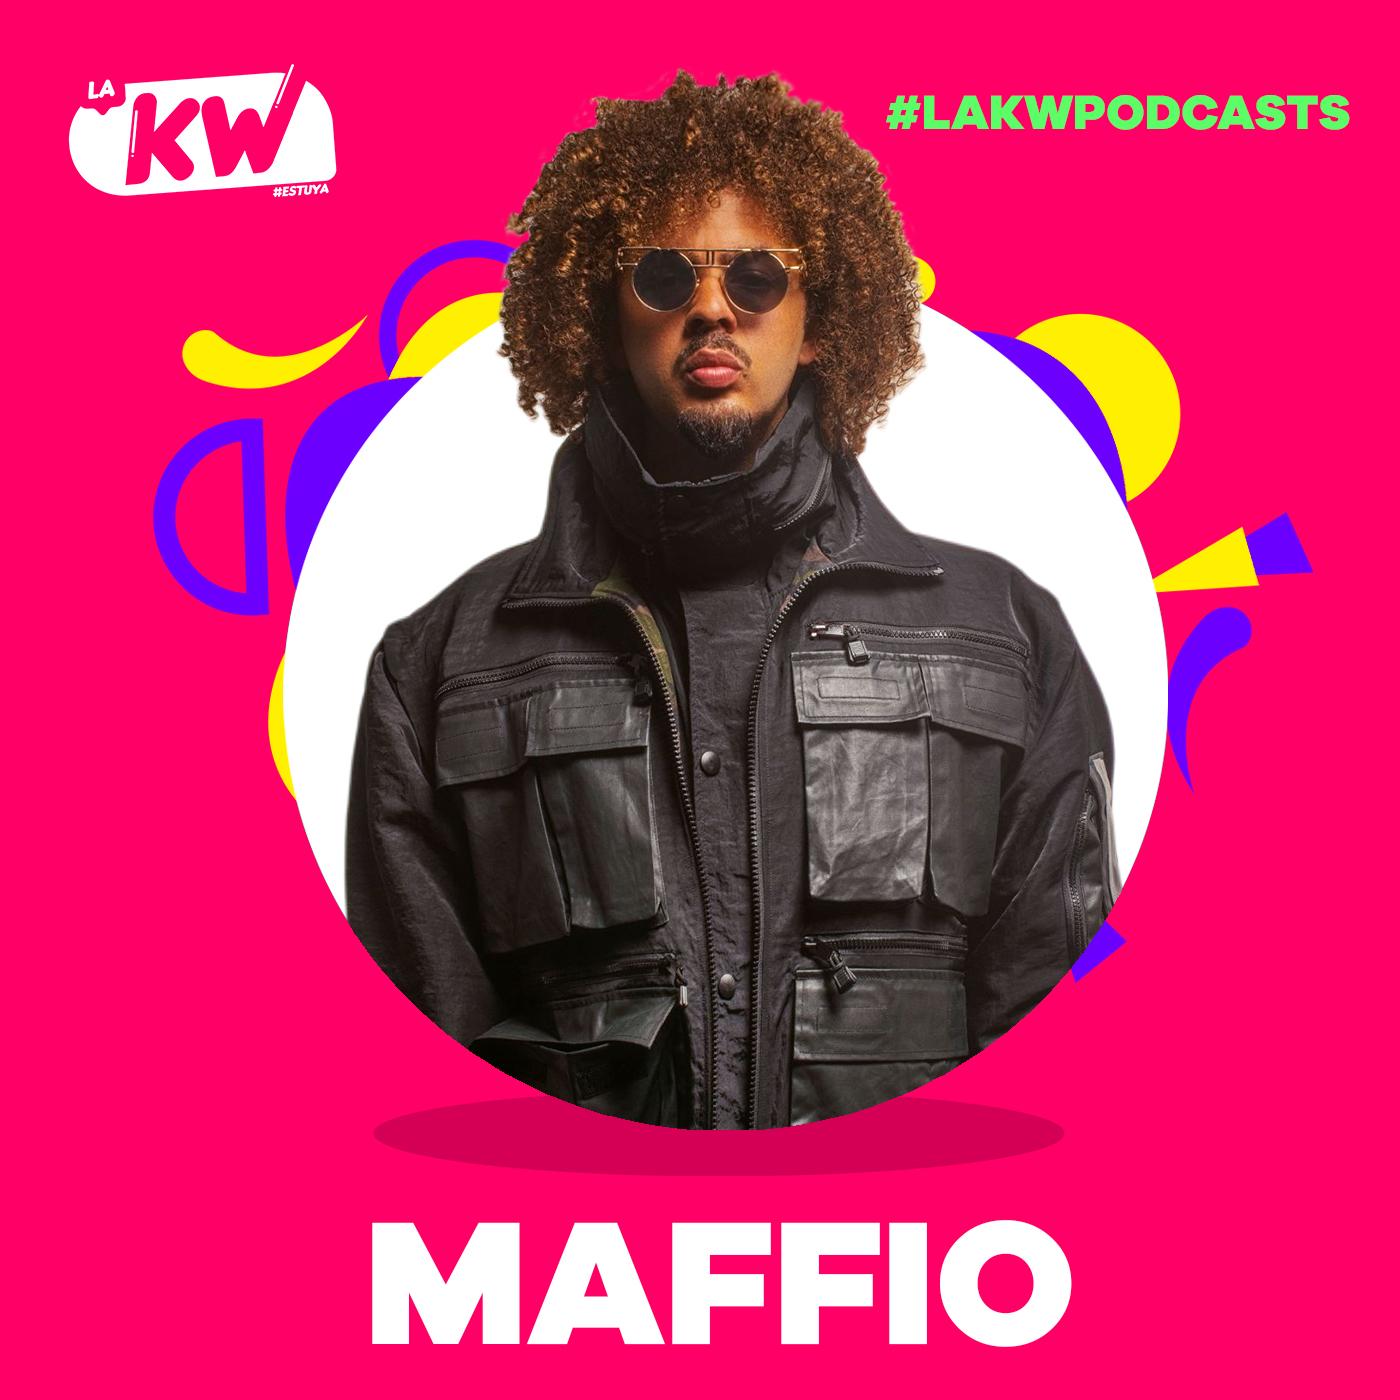 Maffio en La KW